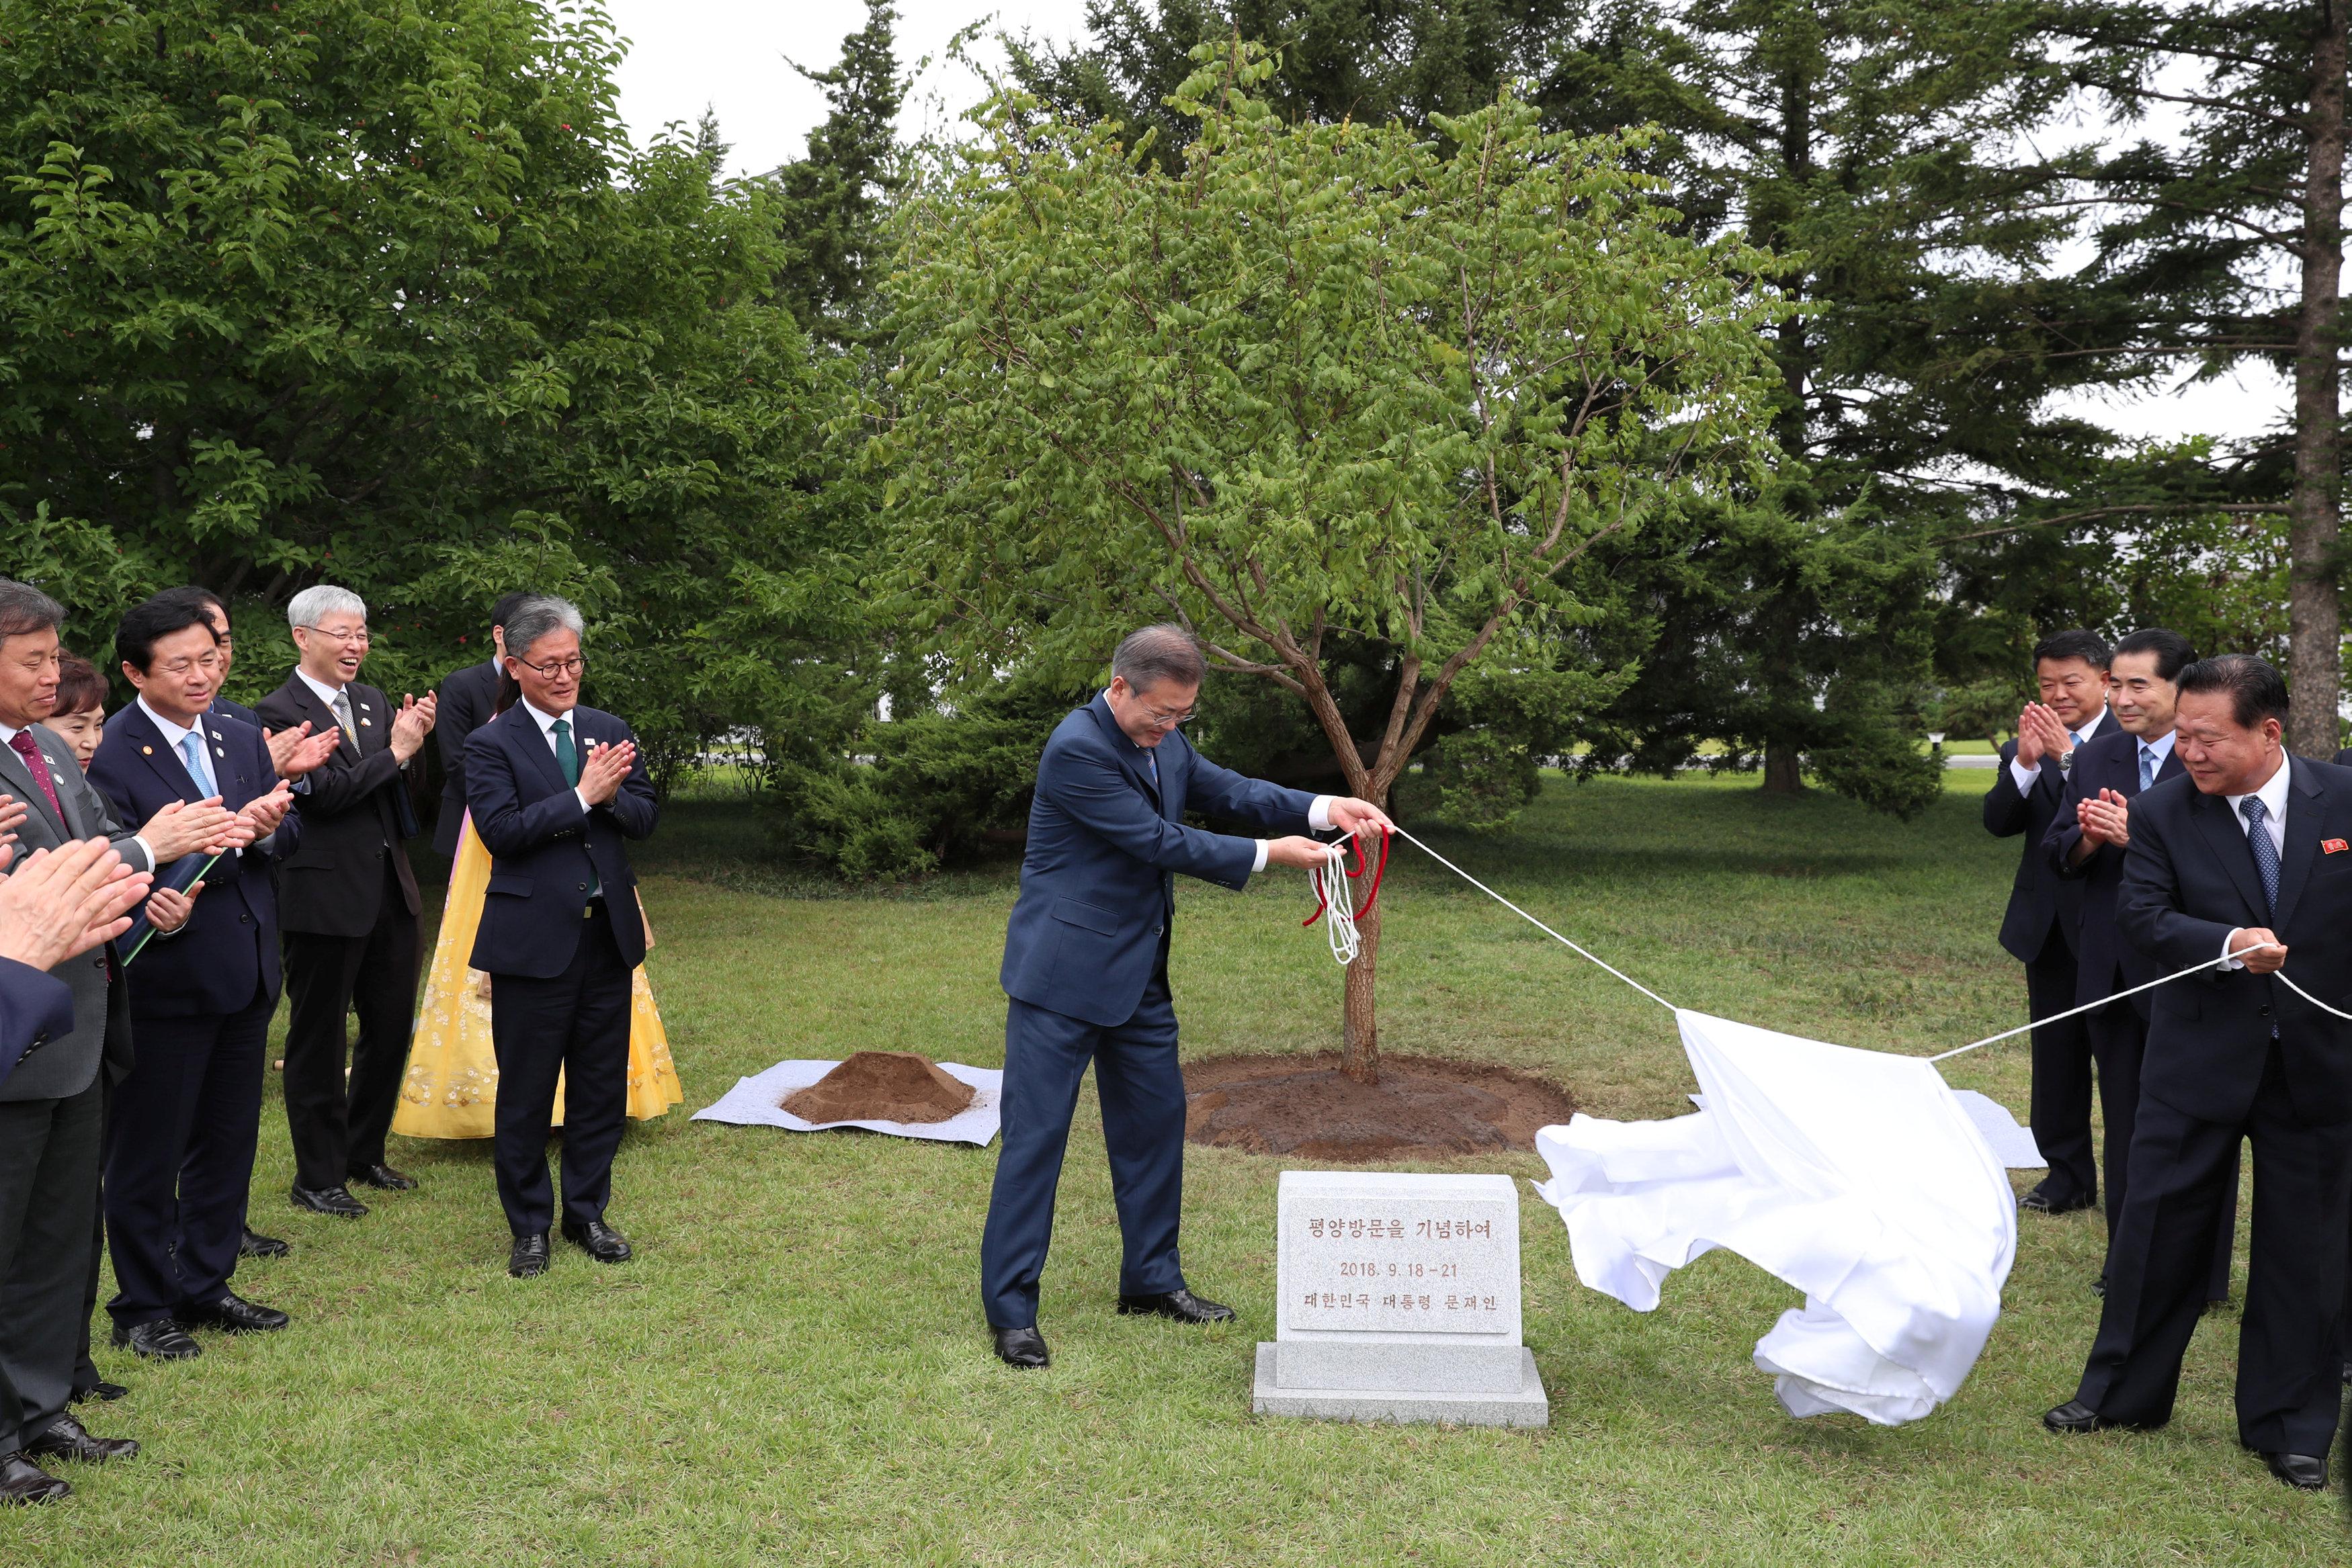 رئيس كوريا الجنوبية يزيح الستار عن شجرة تذكارية بمناسبة زيارته التاريخية لبيونج يانج